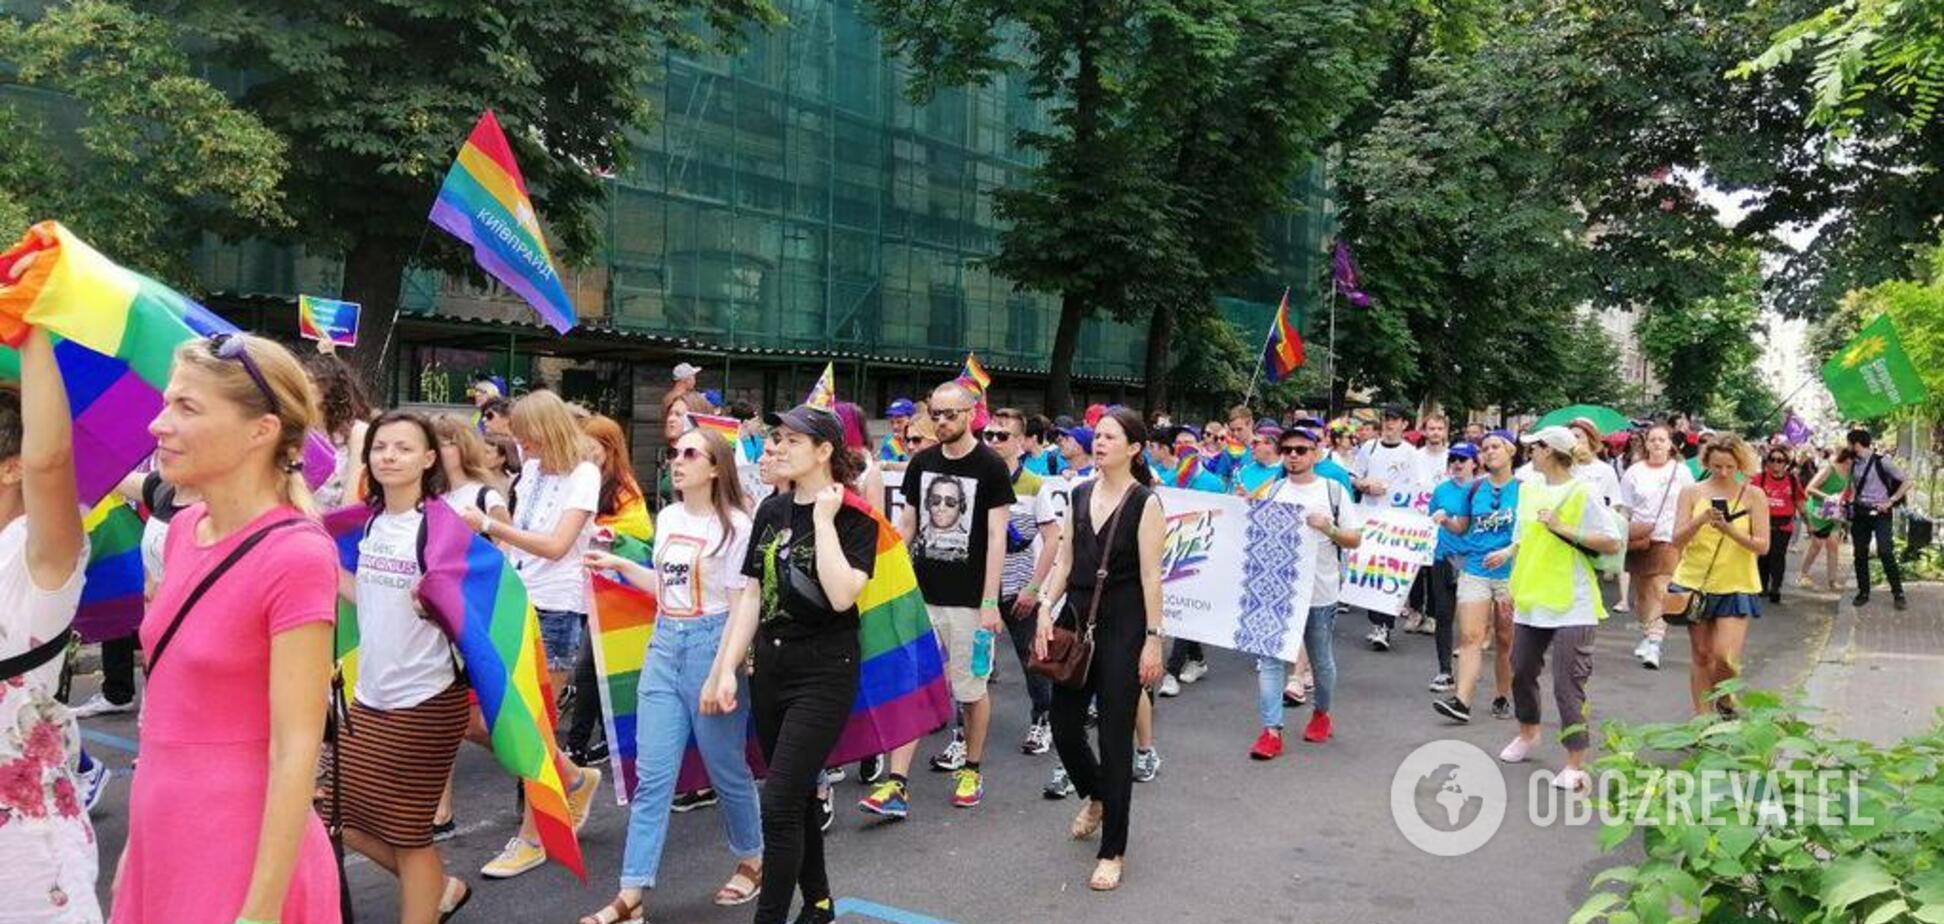 'Г*вно дырявой ложкой собирали': в сети бурно обсуждают Марш равенства в Киеве